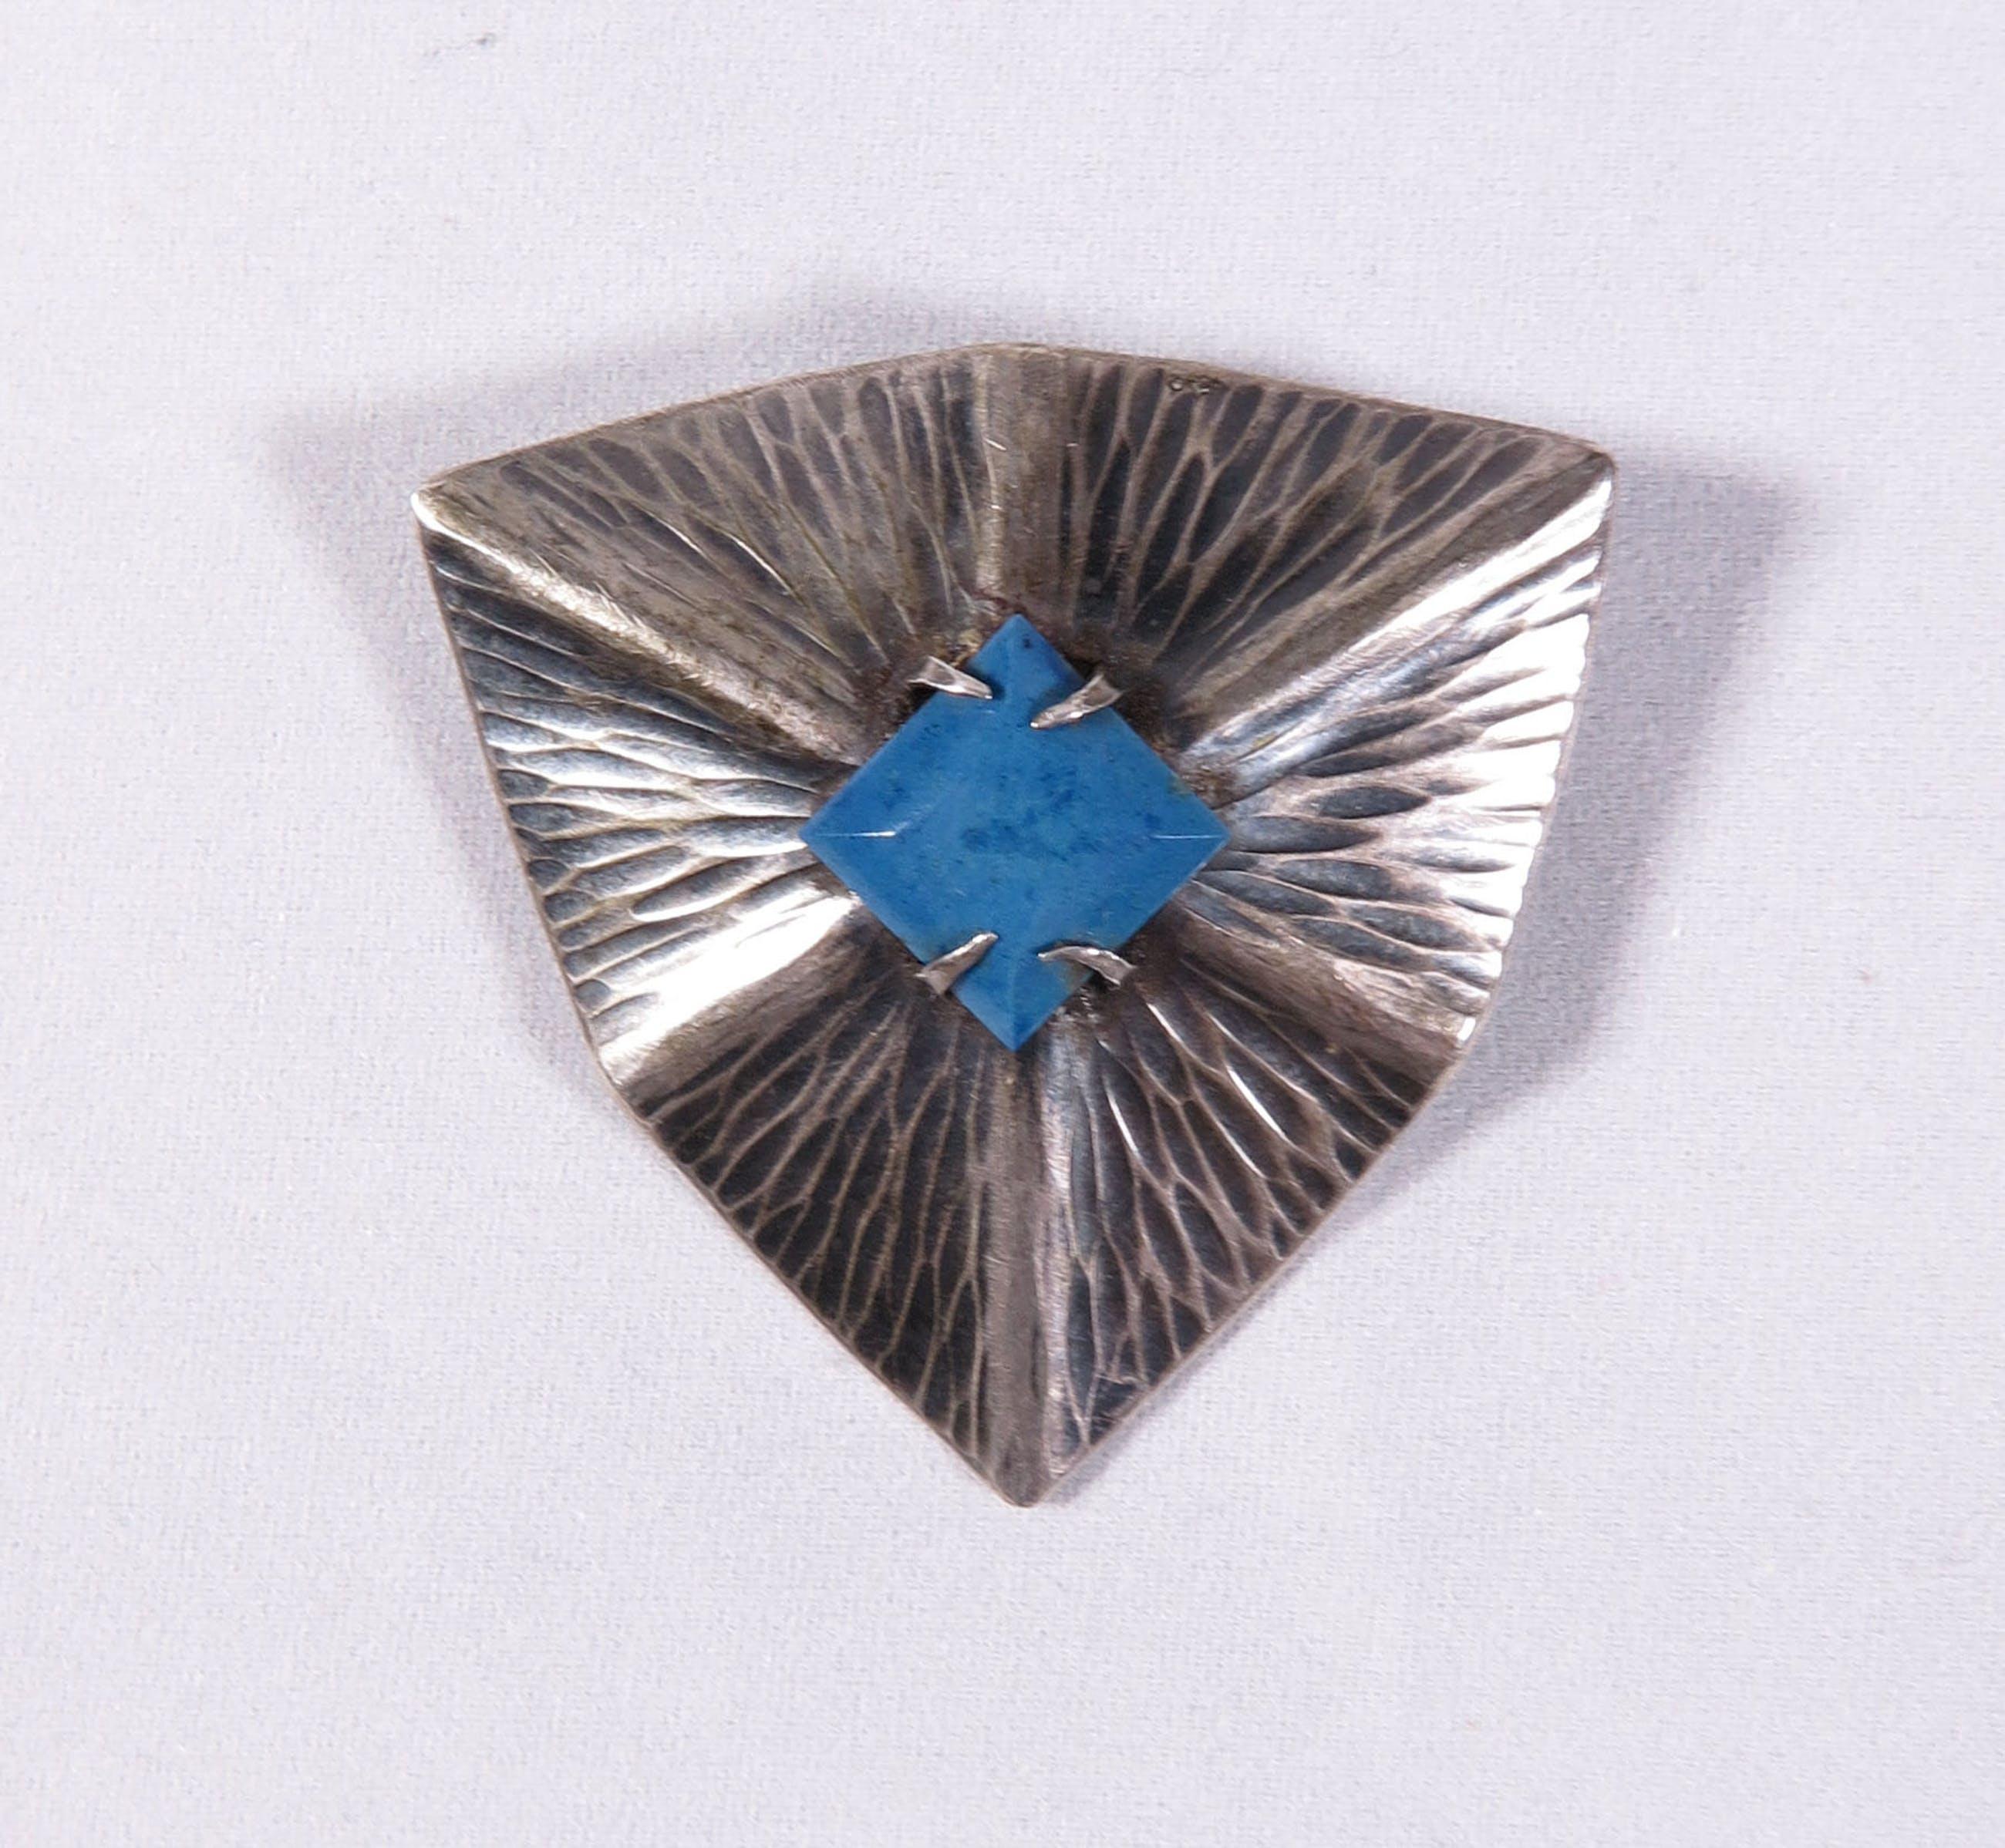 D.P.M. Gaillard - Zilveren Art Deco broche met steen + extra Deco Broche kopen? Bied vanaf 35!